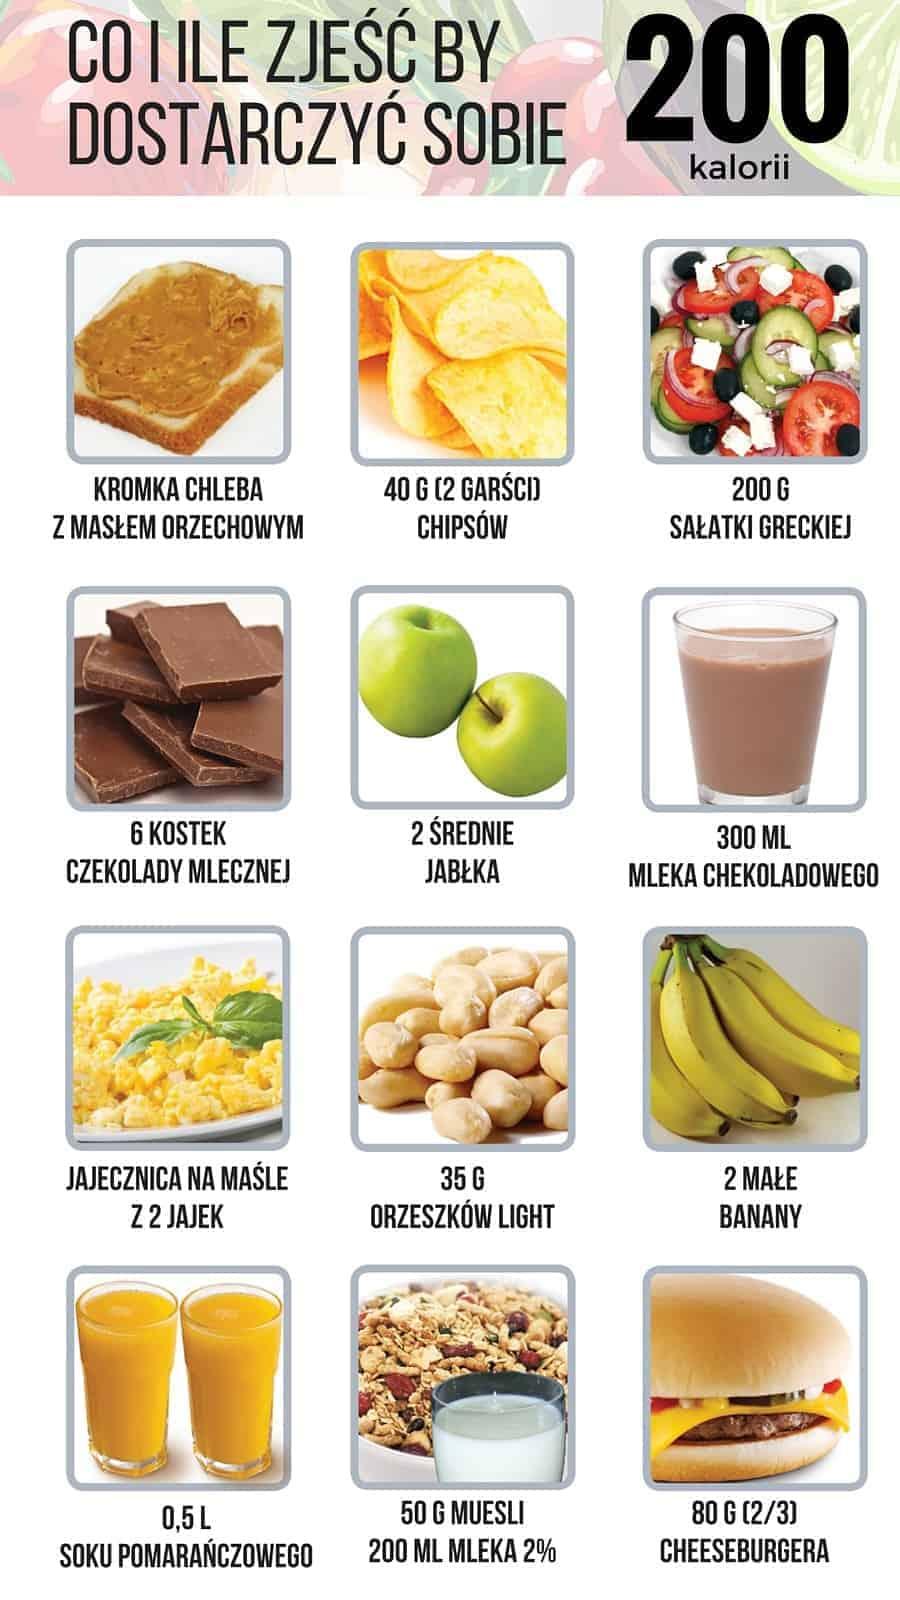 Co jeść przed porannym treningiem aby schudnąć